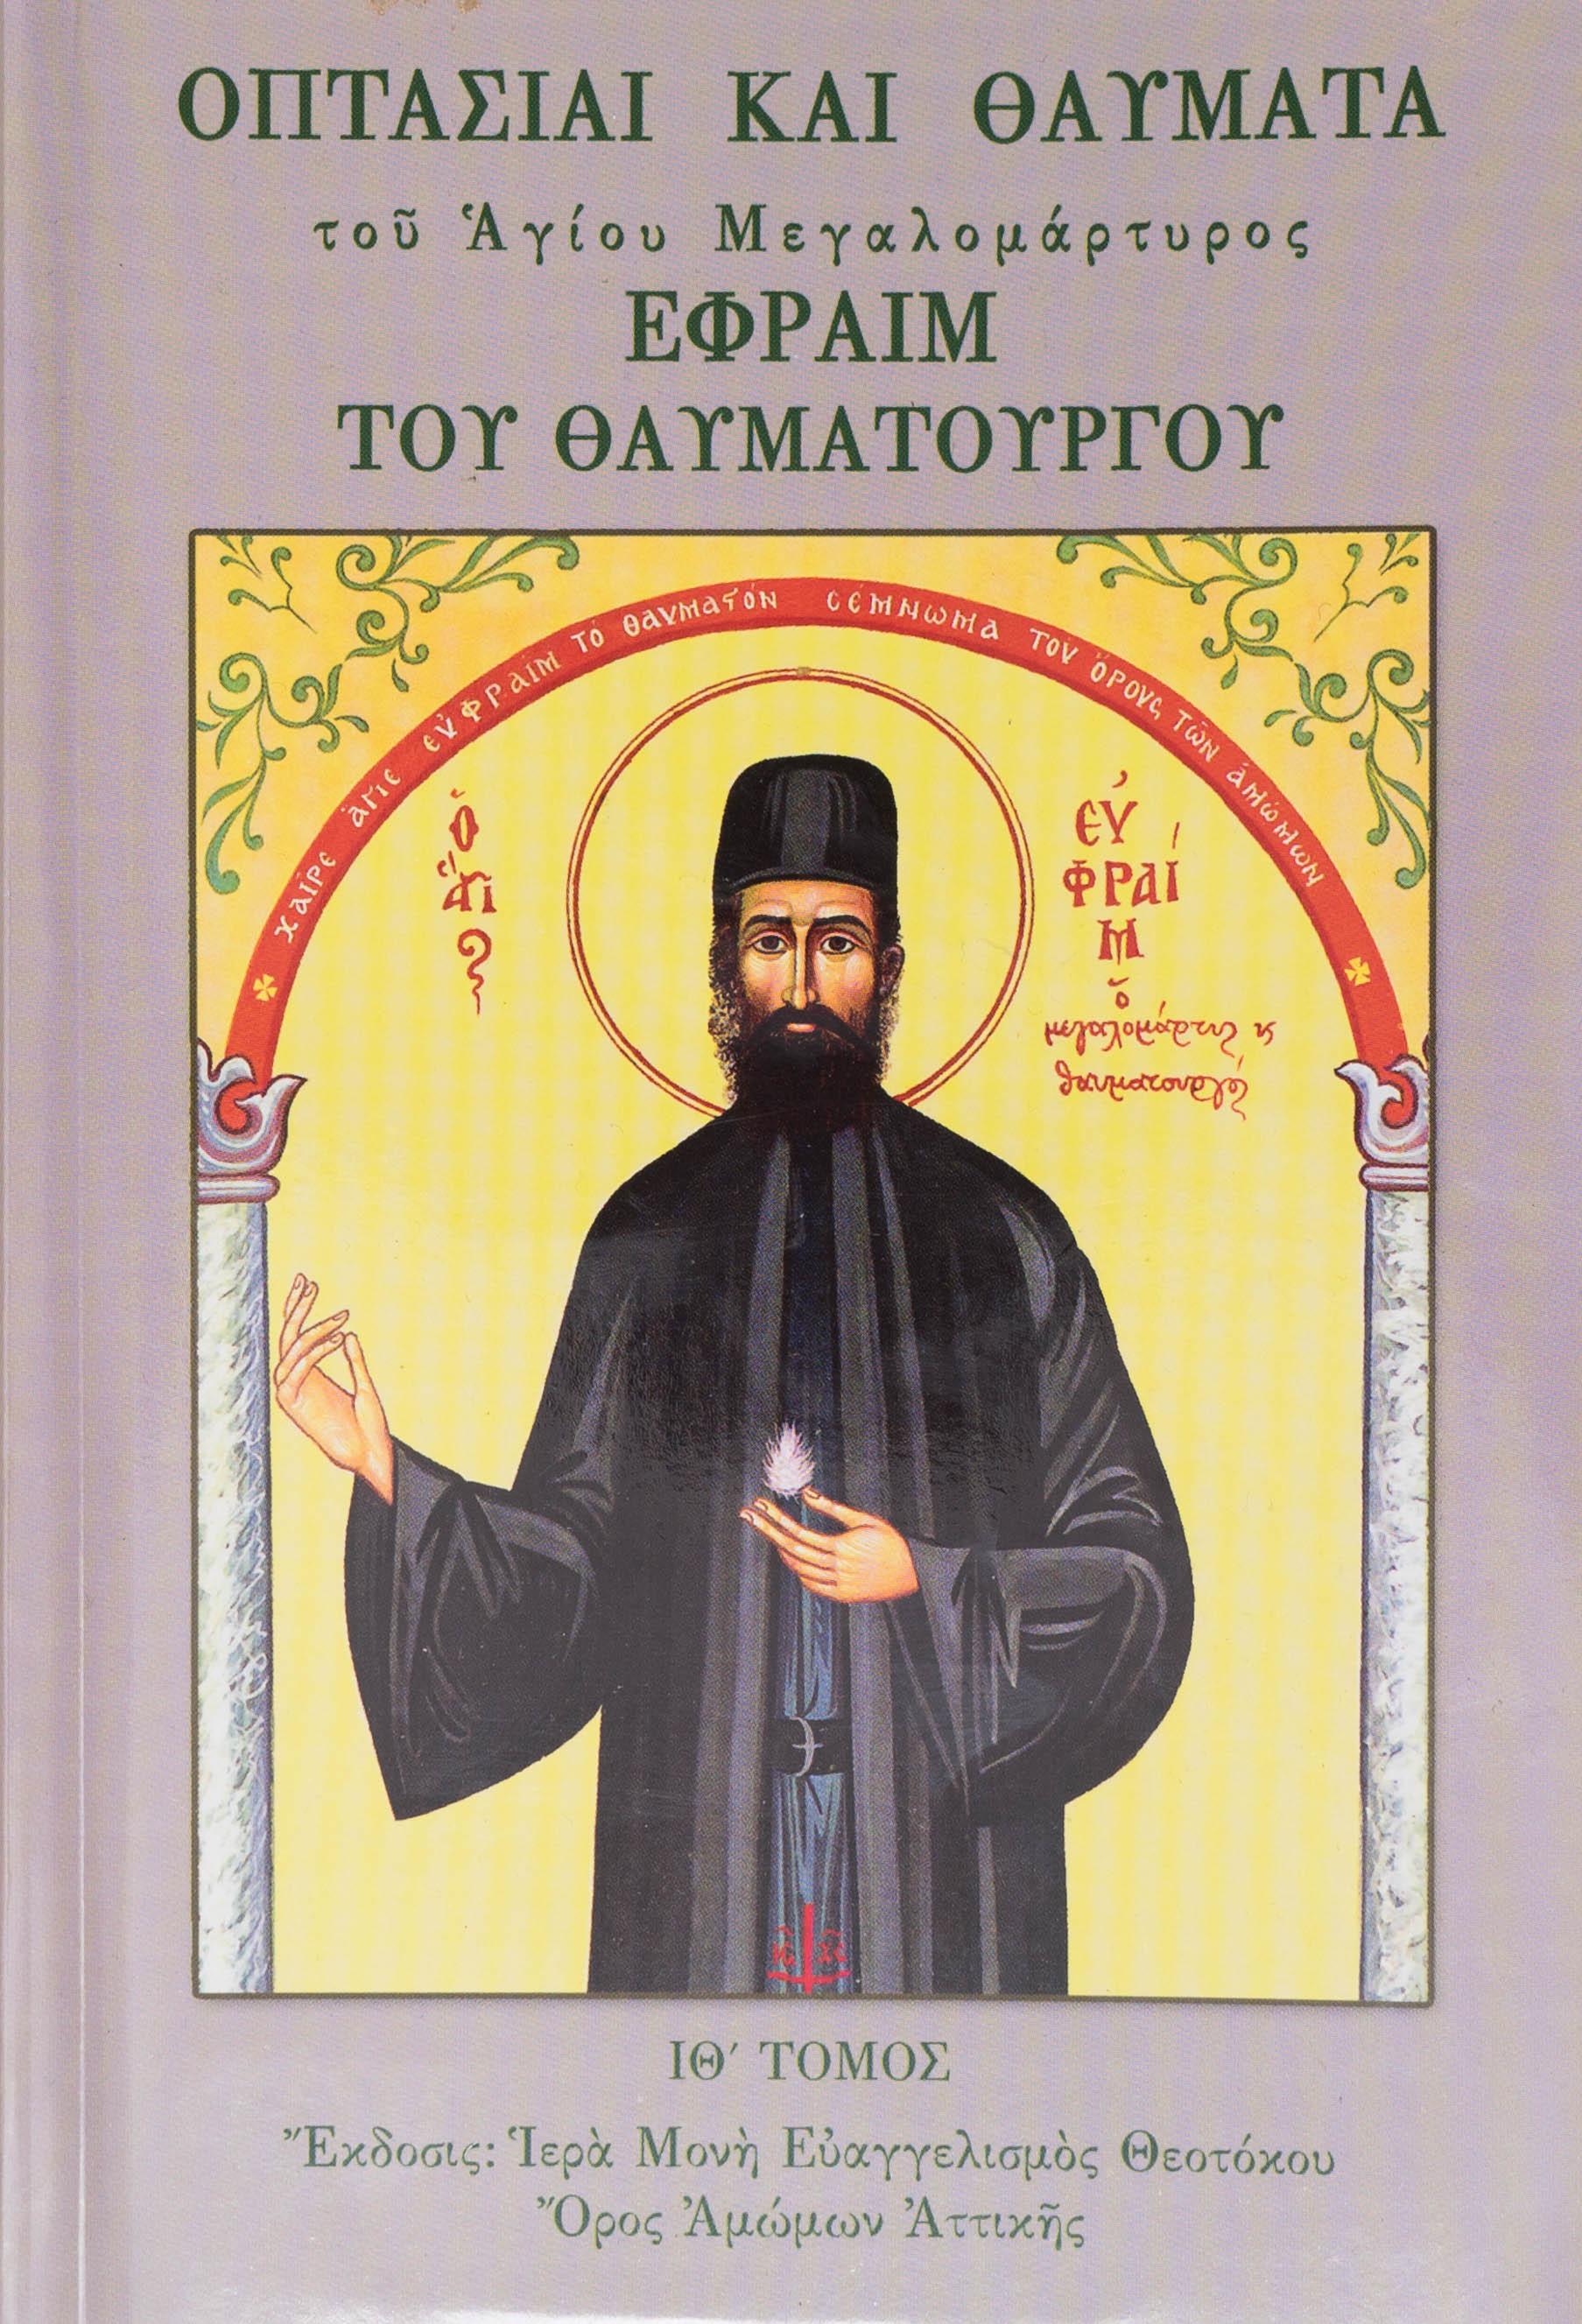 Οπτασίαι και Θαύματα του Αγίου Μεγαλομάρτυρος Εφραίμ του Θαυματουργοΰ    ΙΦ' Τόμος